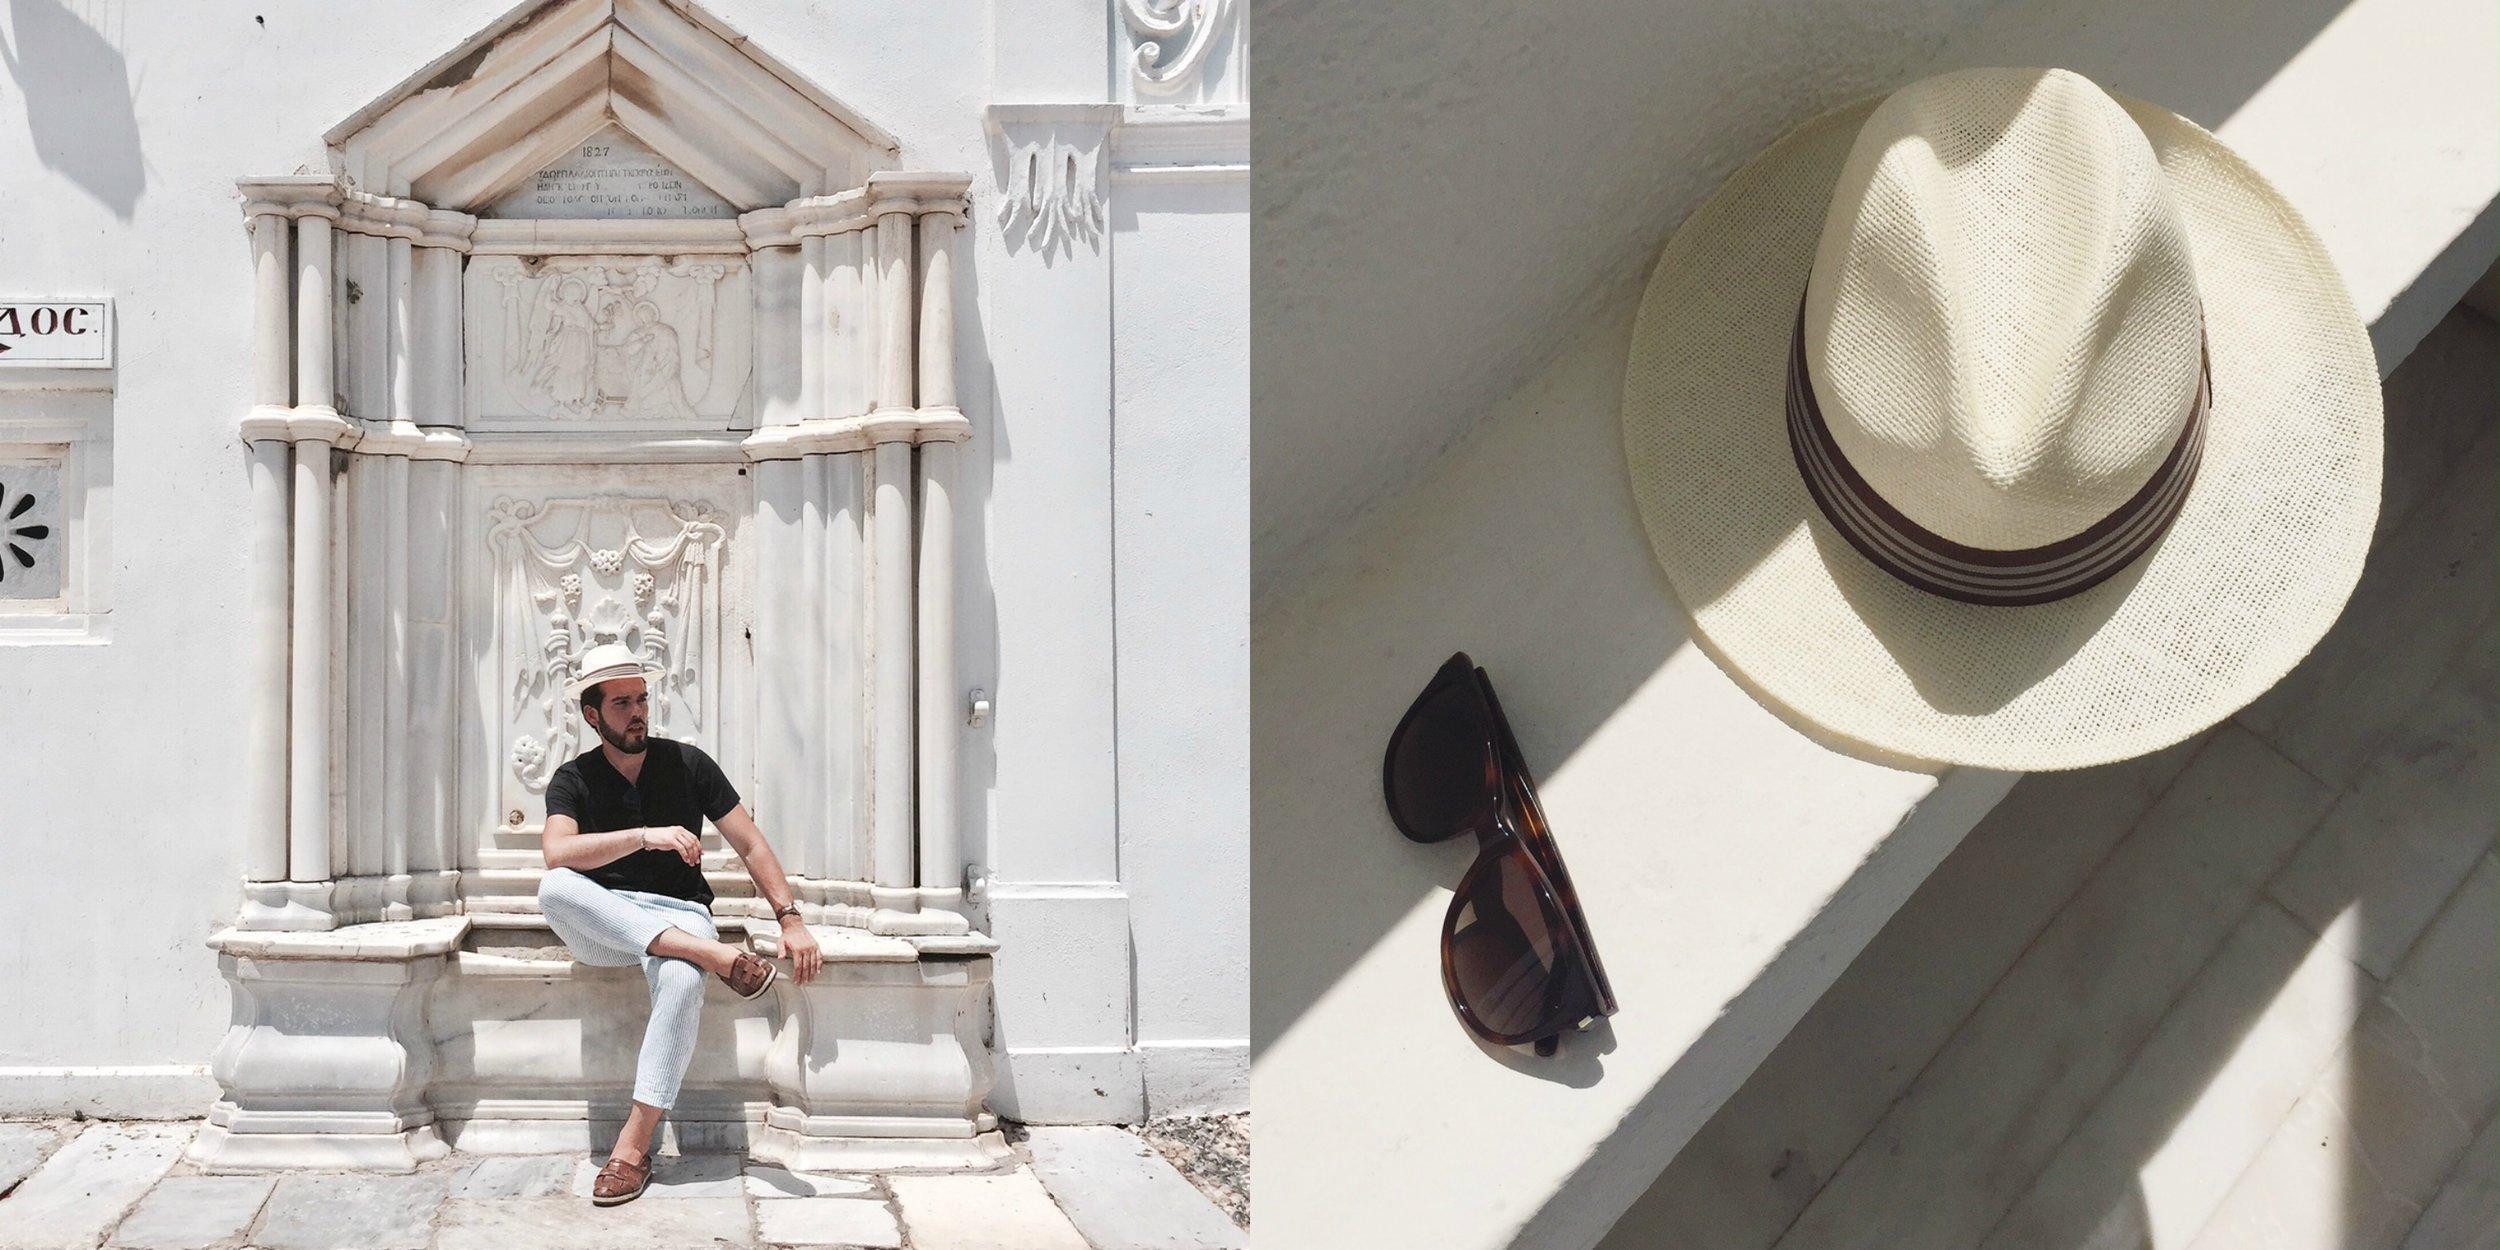 Hat: Paname Hat / Sunglasses: YSL / Shoes: Santoni Shoes / T-shirt & Pants : Cos